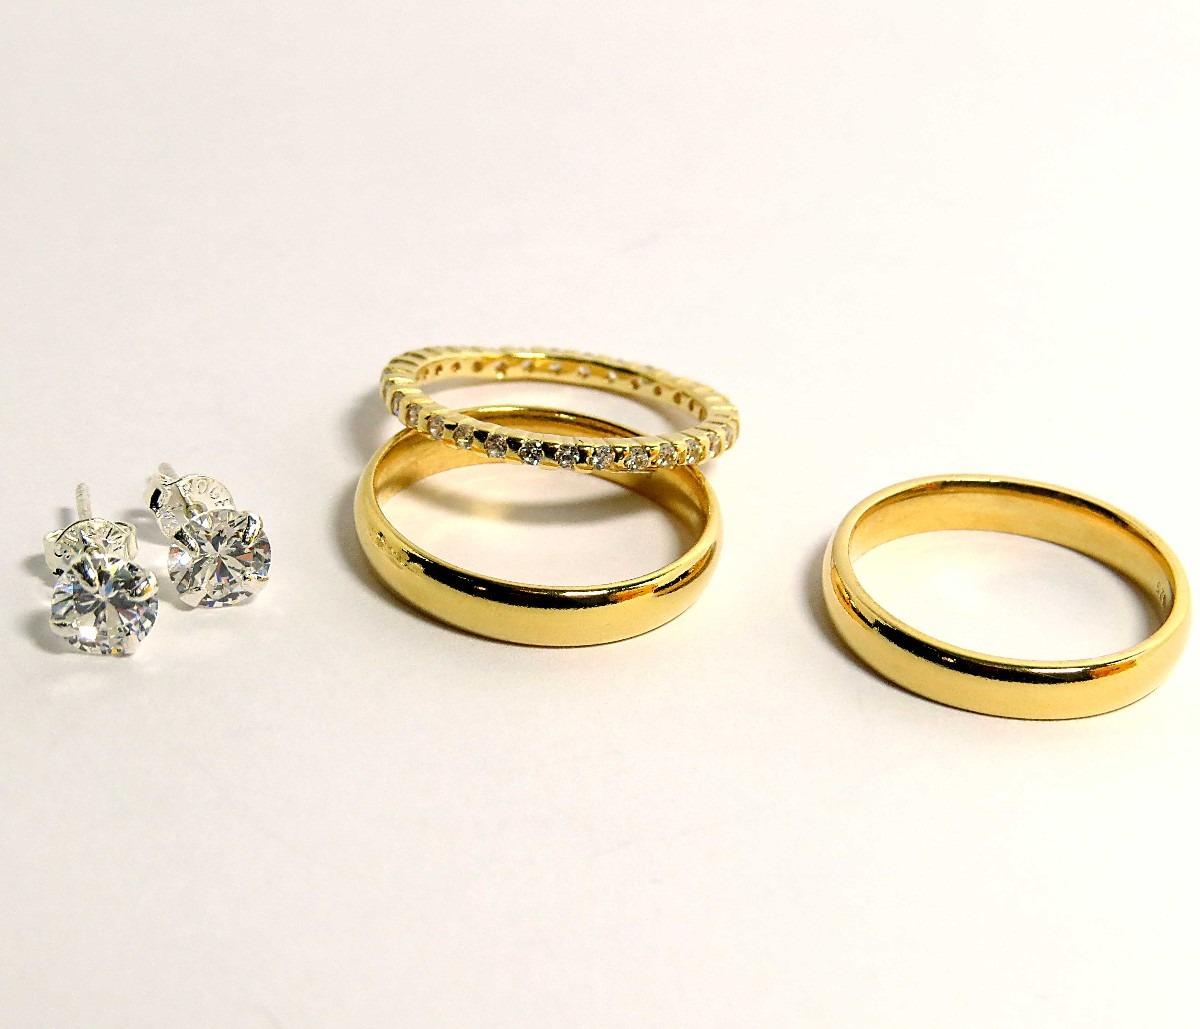 Aparadores Zapatos ~ Kit Ouro E Prata Par De Alianças + Aparador + Brincos R$ 399,00 em Mercado Livre